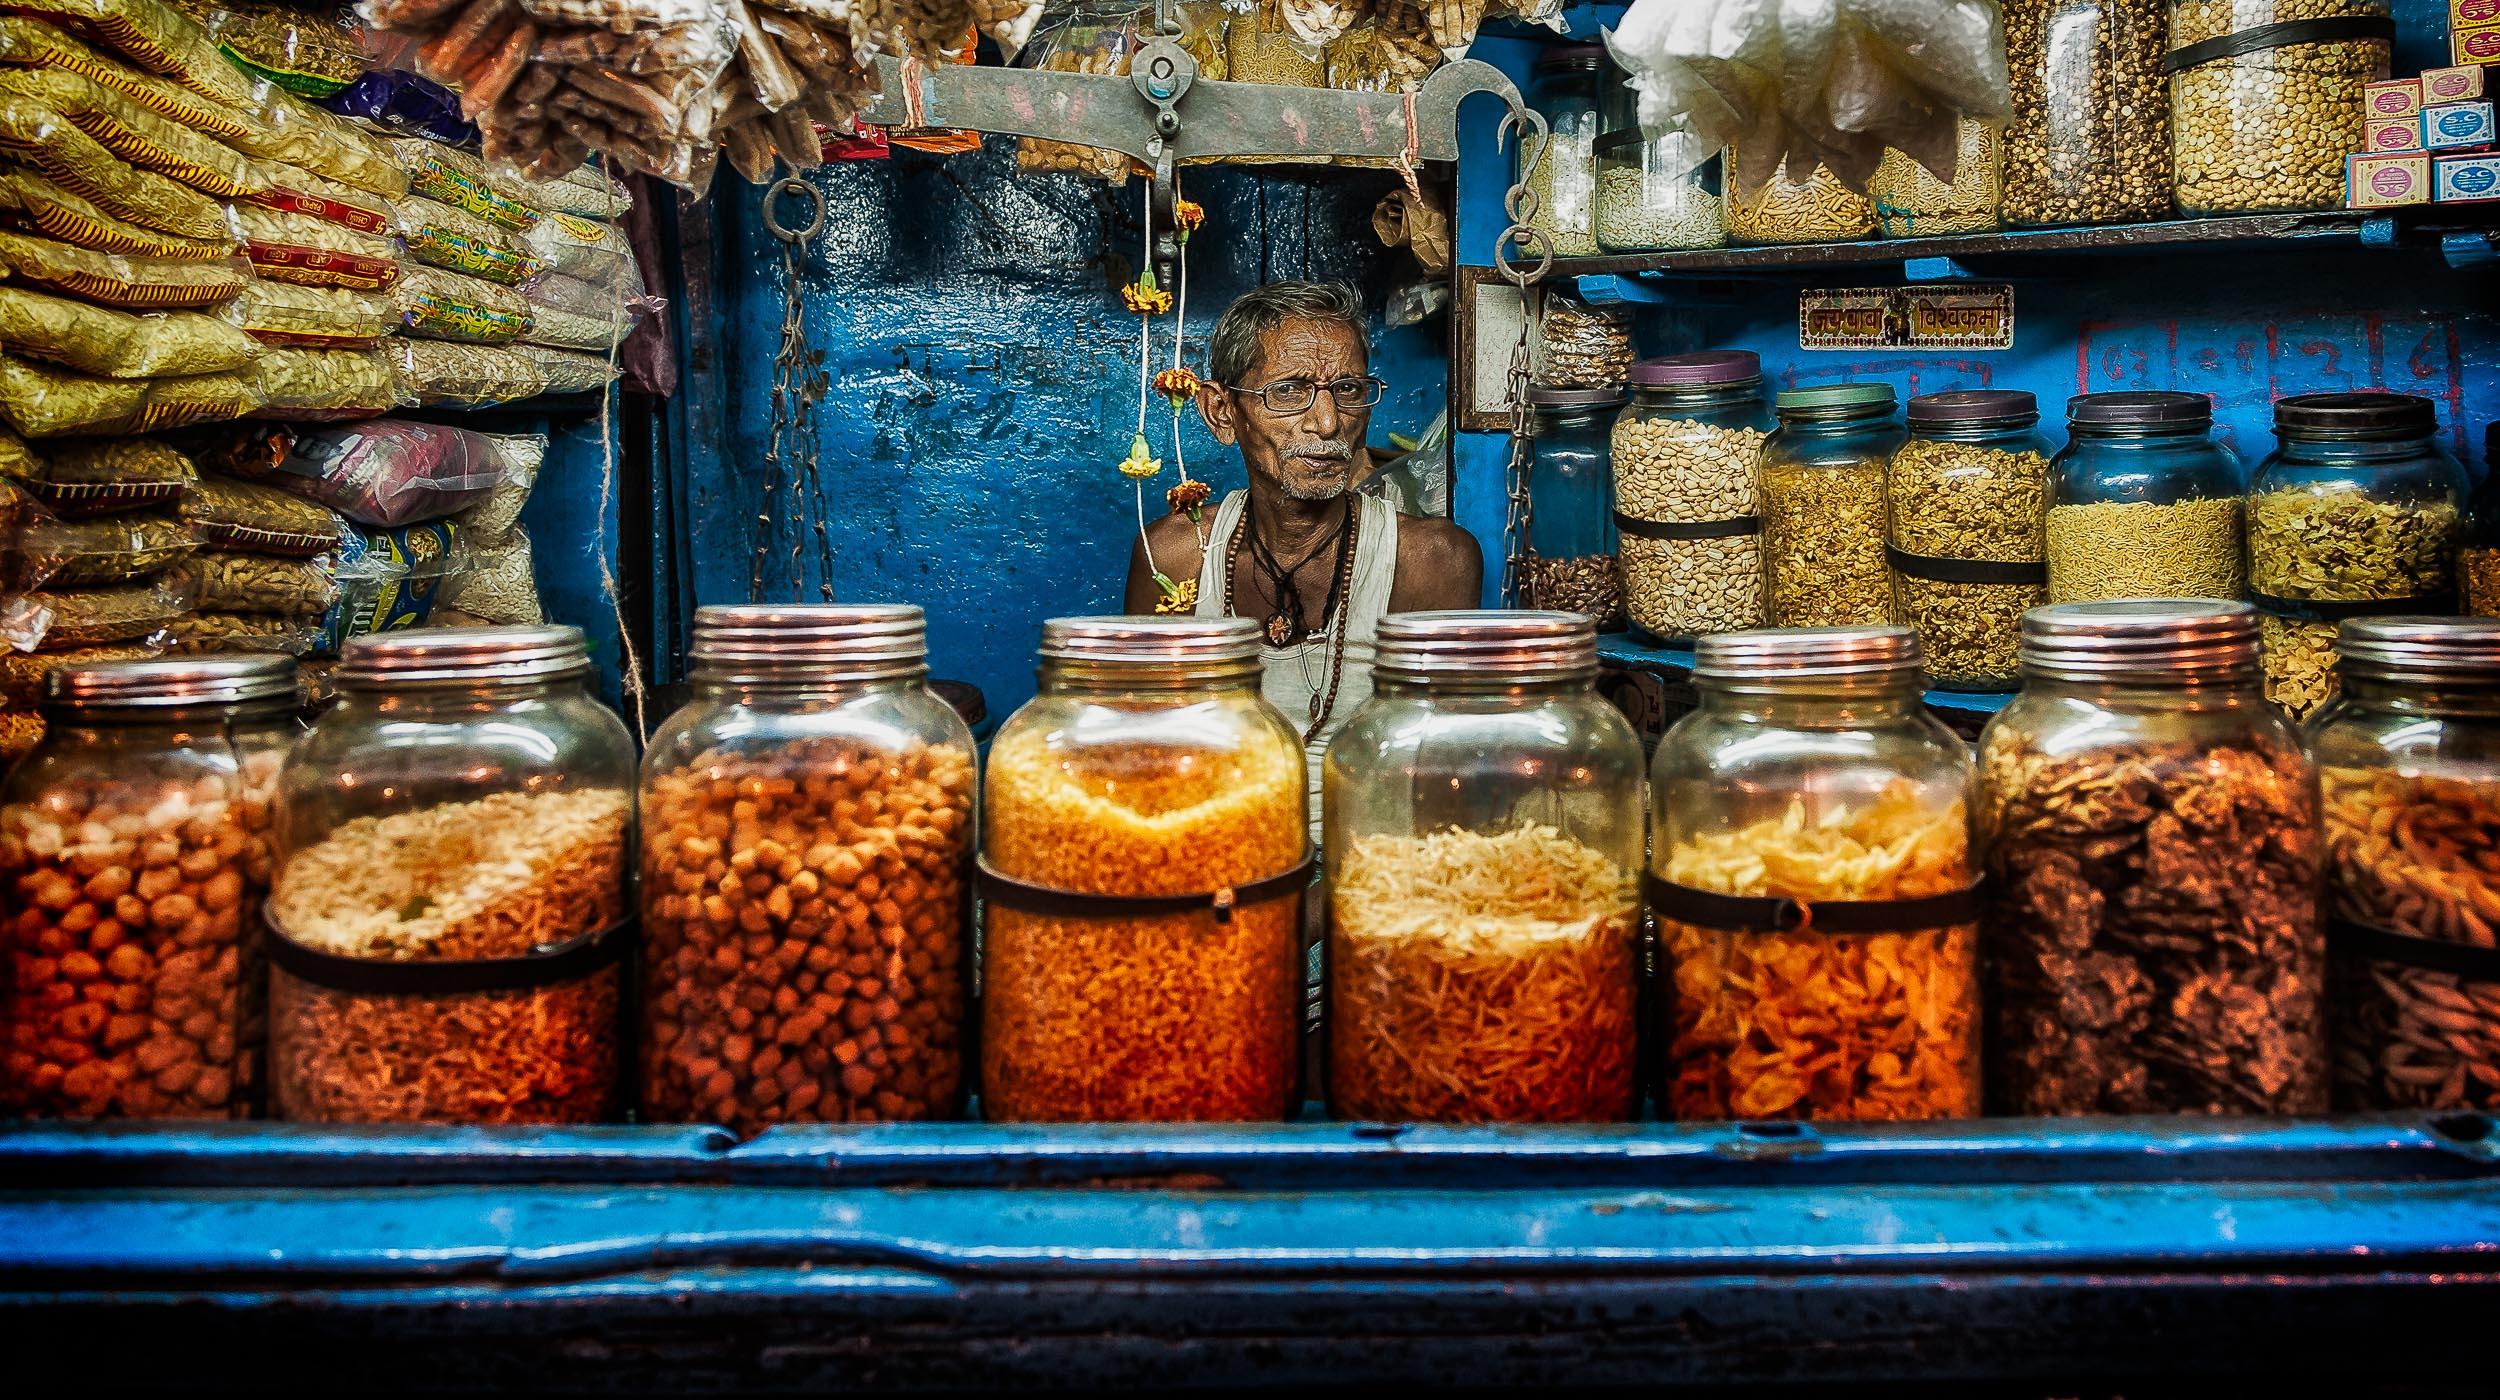 Retailer and His Wares, Kolkata, India